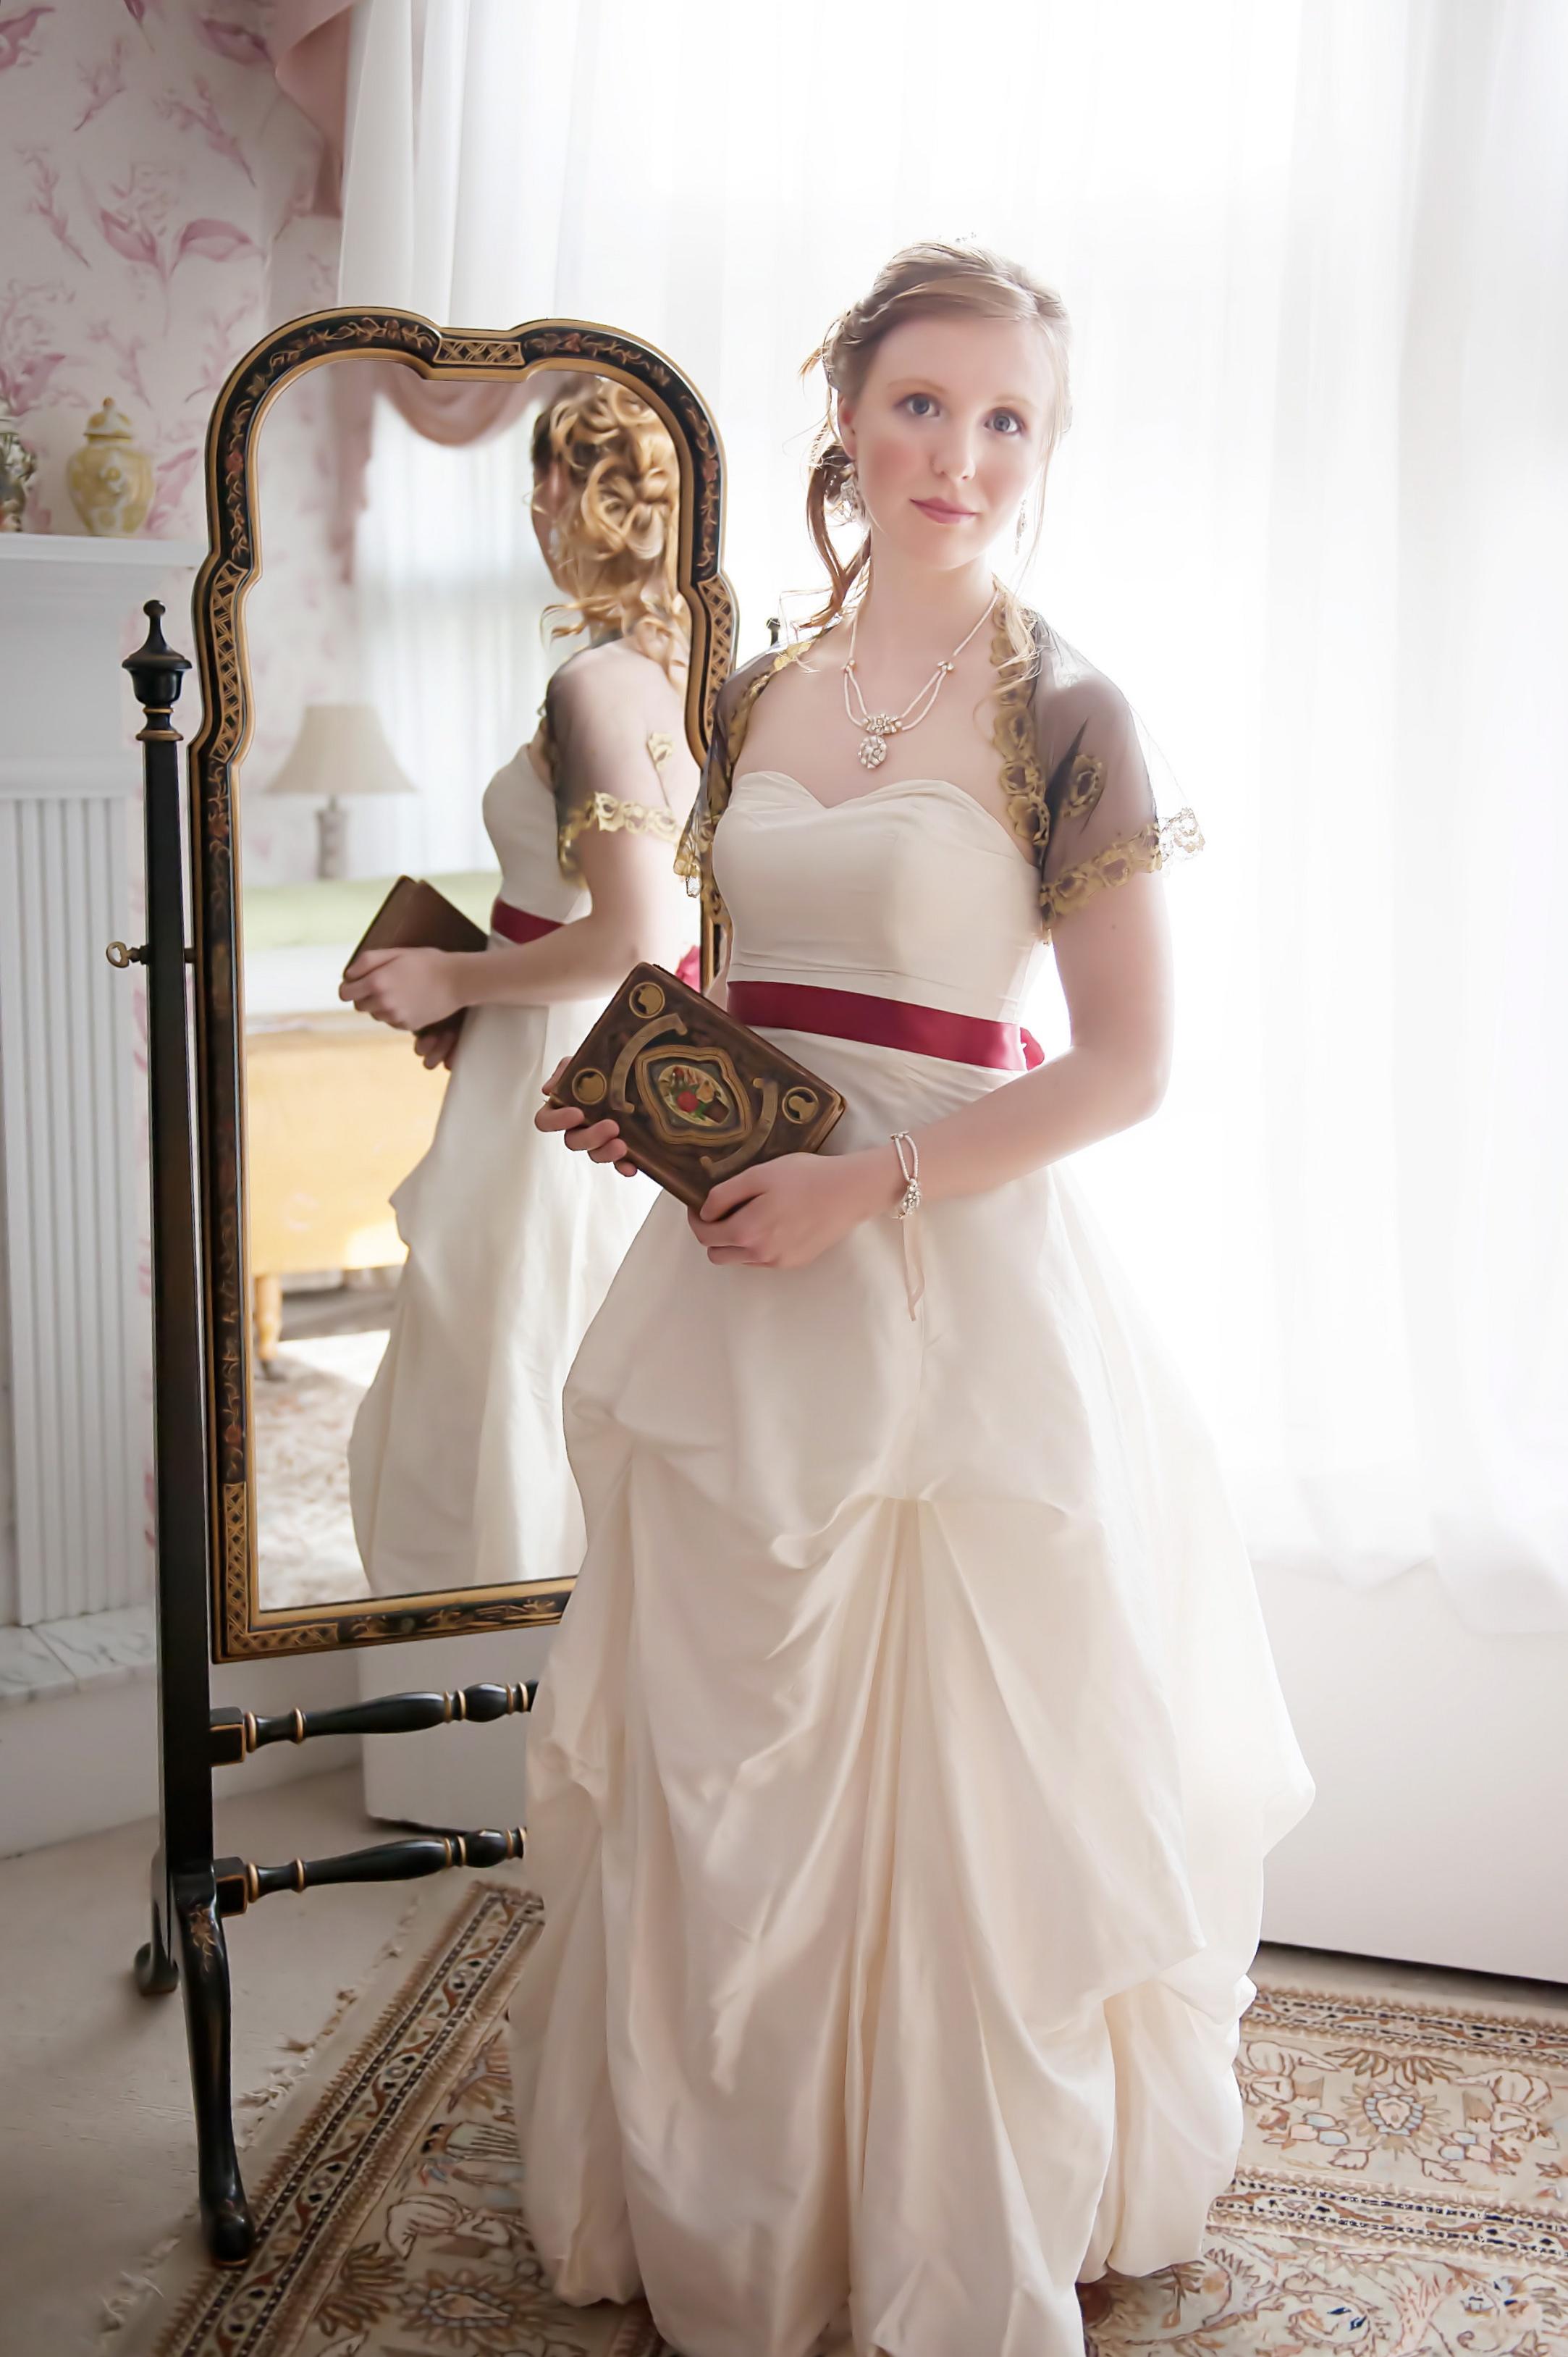 Gloriana Necklace, Earrings, & Bracelet